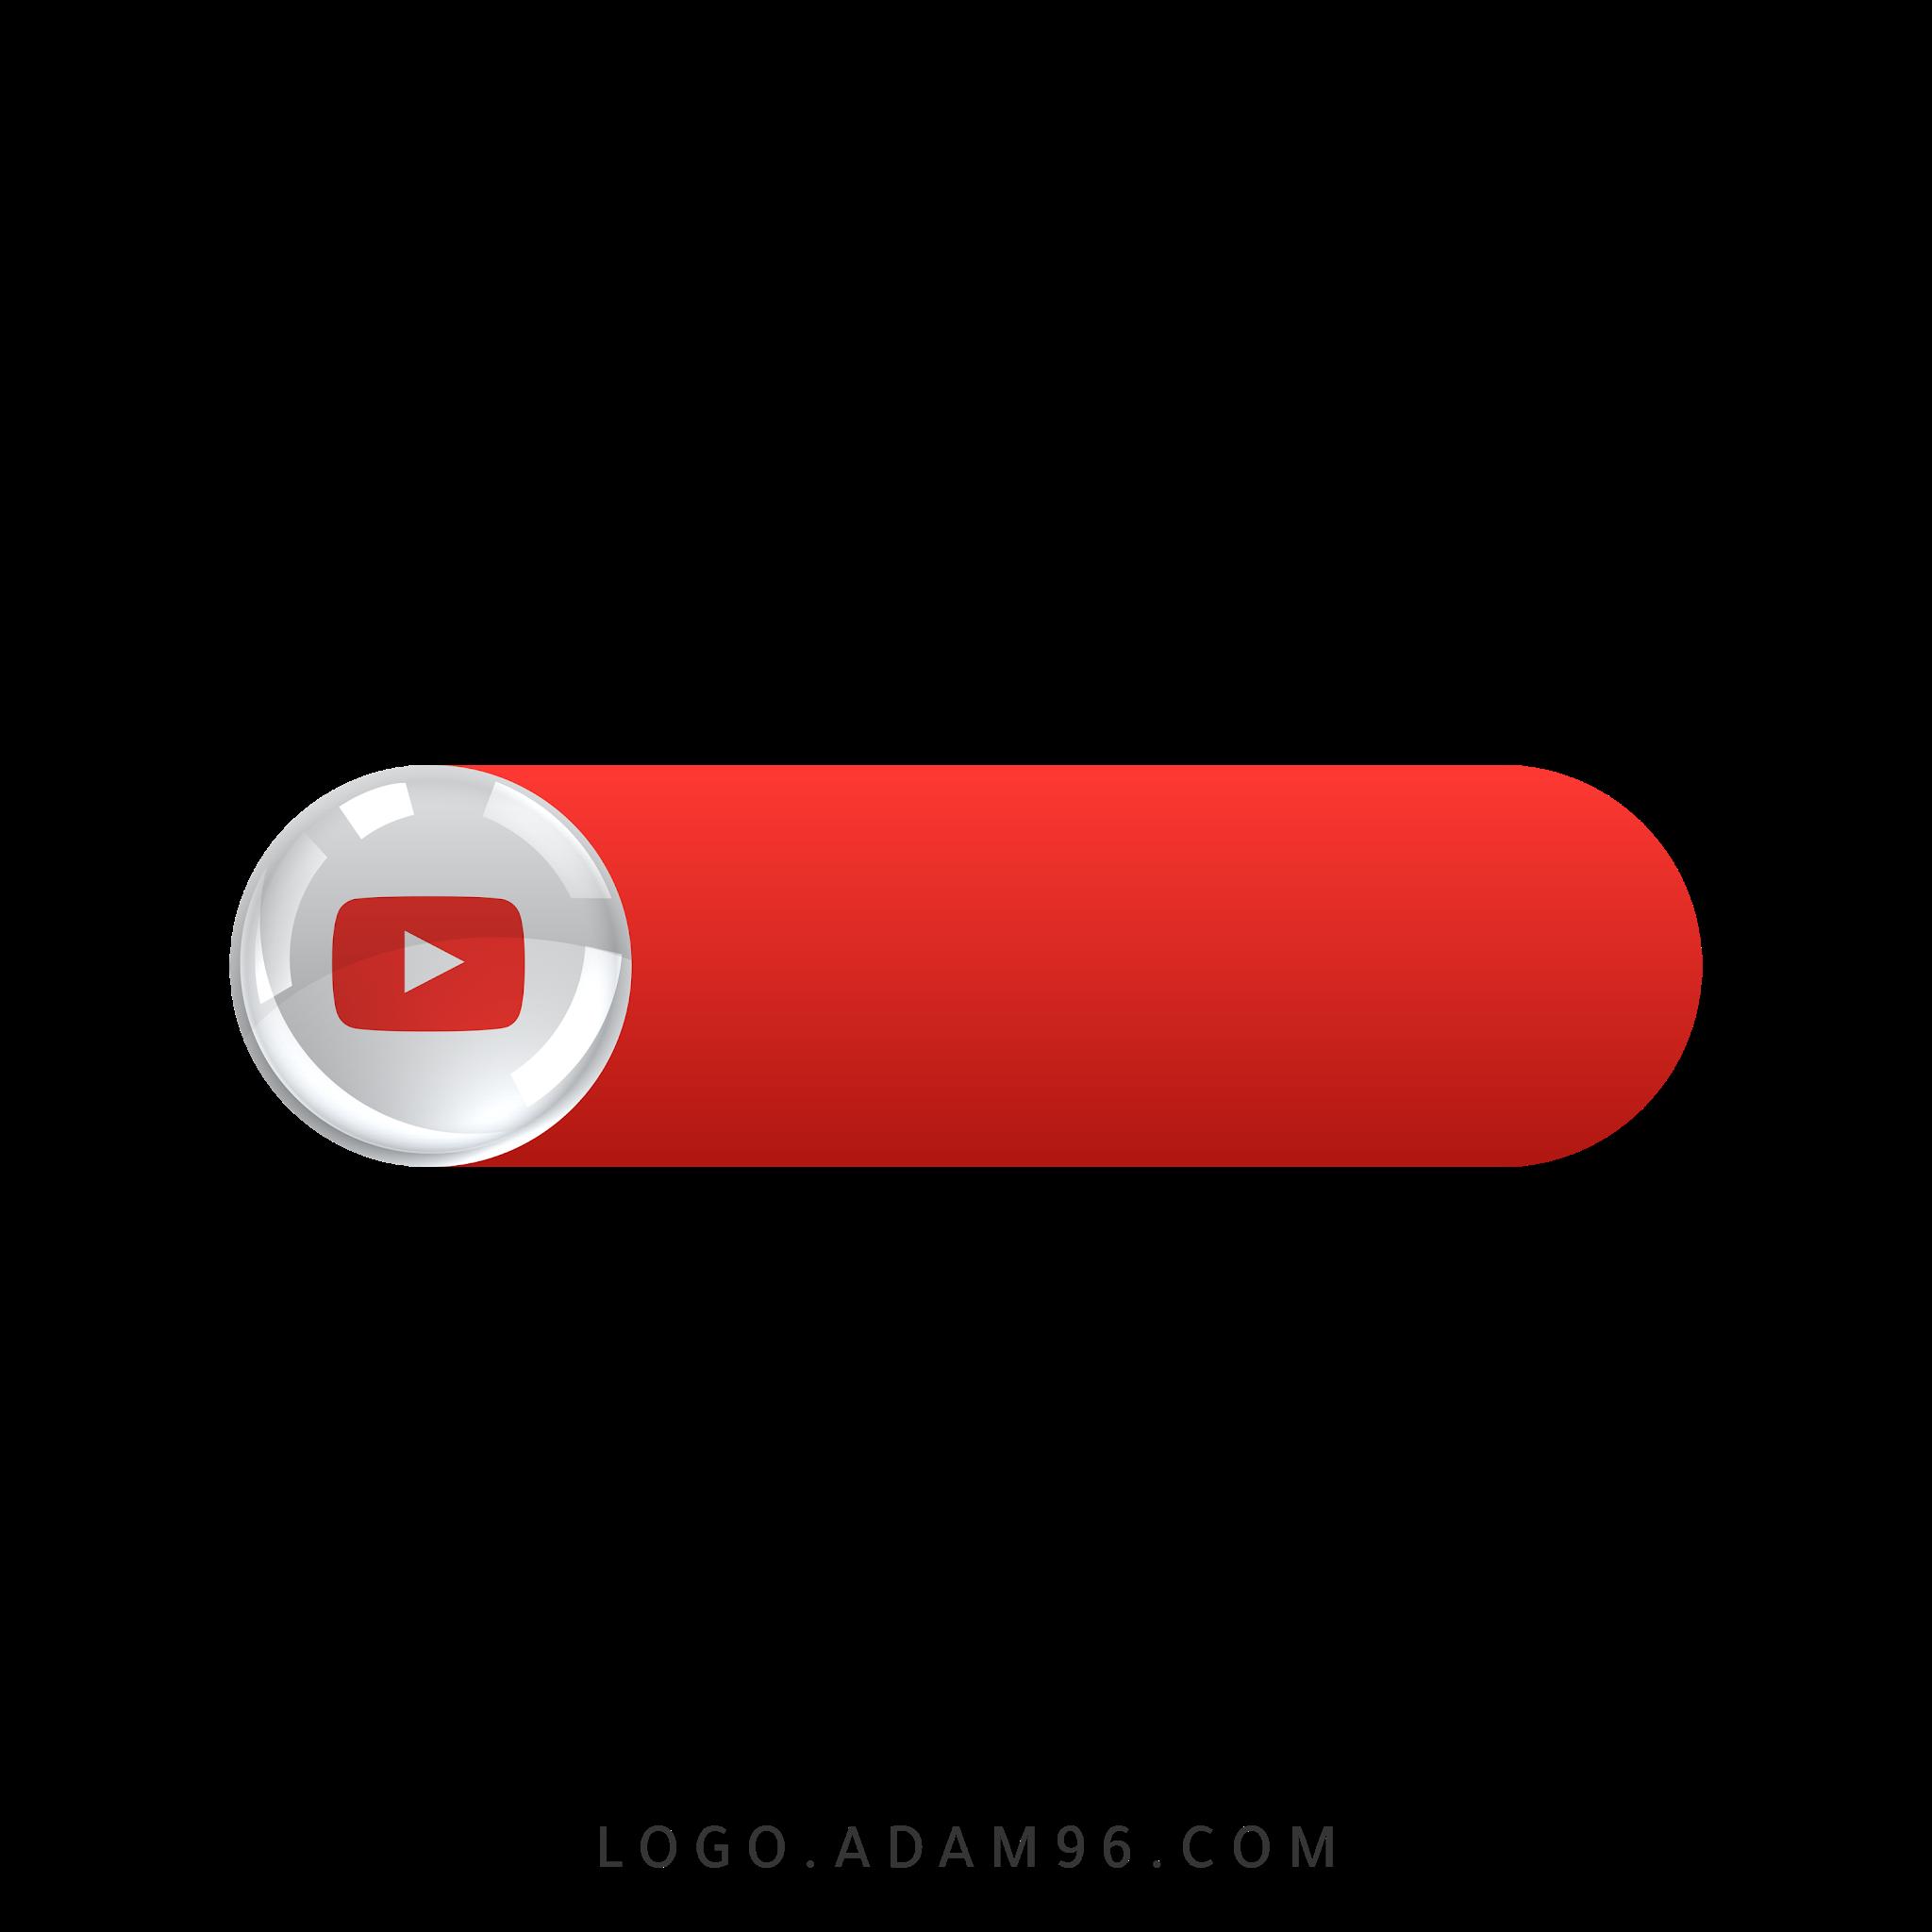 تحميل ايقونة موقع يوتيوب للتوقيع لوجو يوتيوب للمنتاج والتصميم بصيغة شفافة PNG